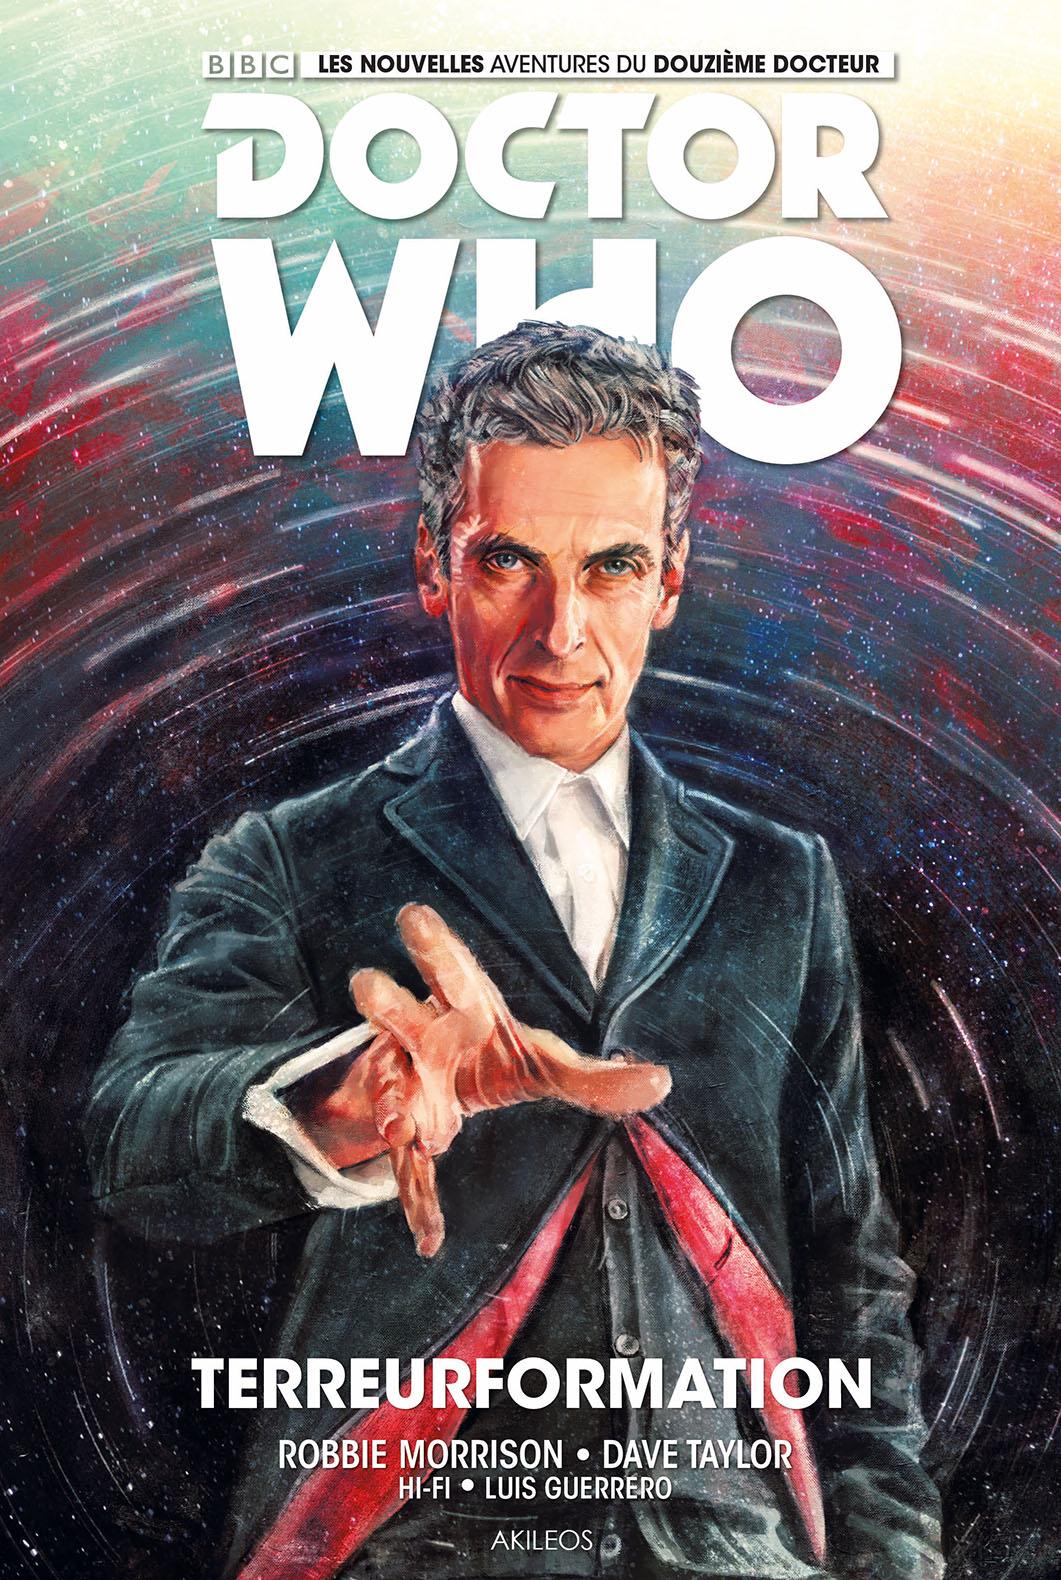 Doctor Who Comics - Douzième Docteur 1 - Terreurformation